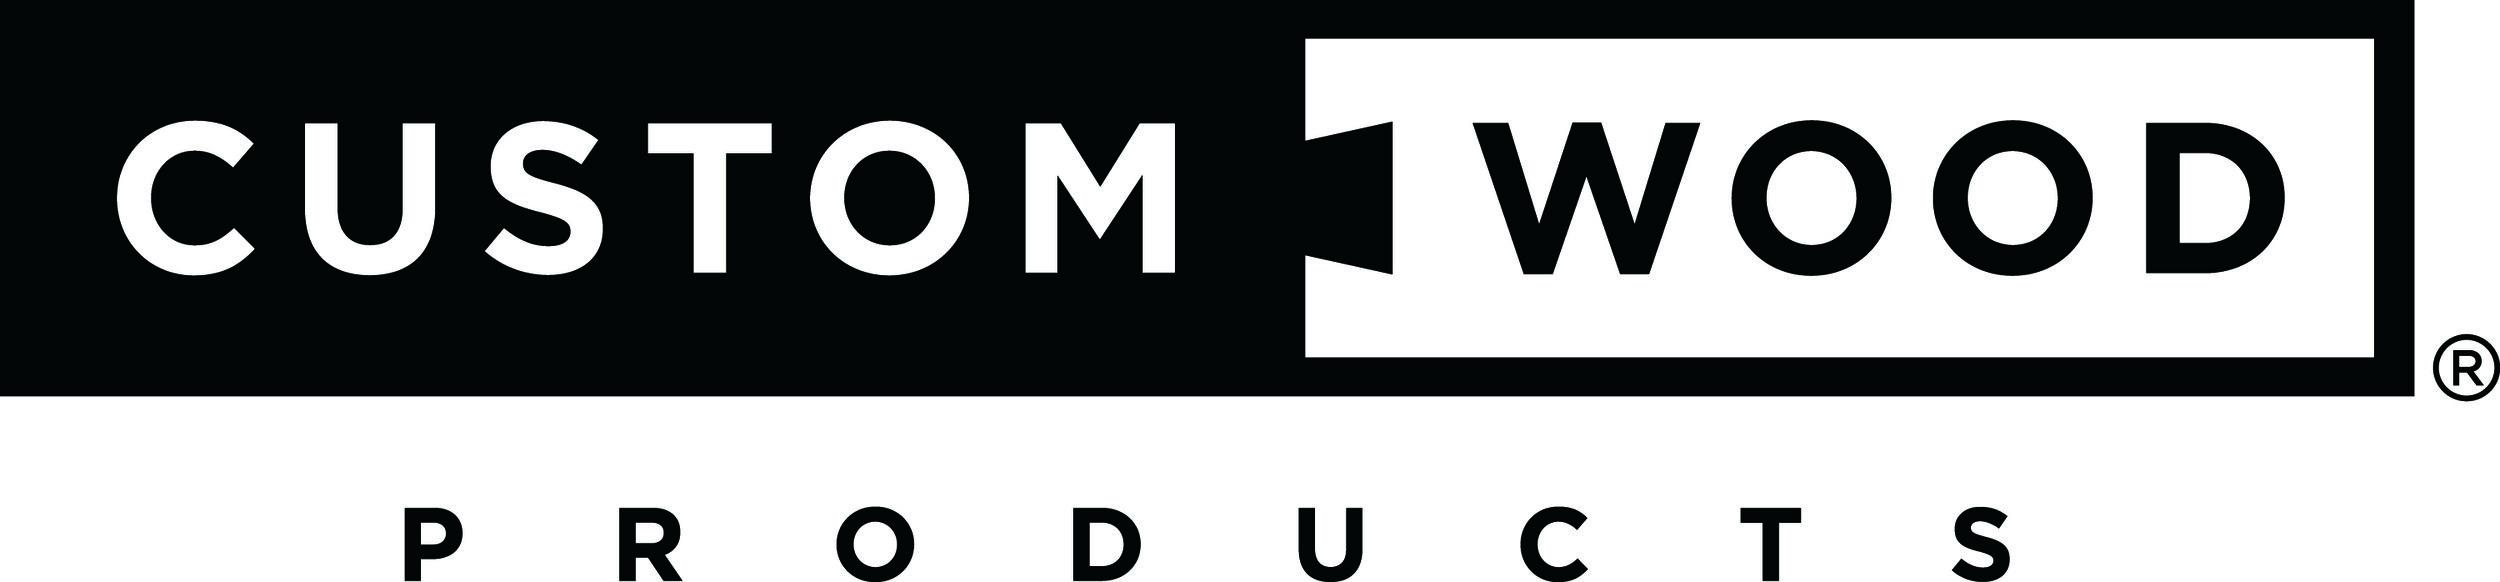 cwp-logo-print-b.jpg